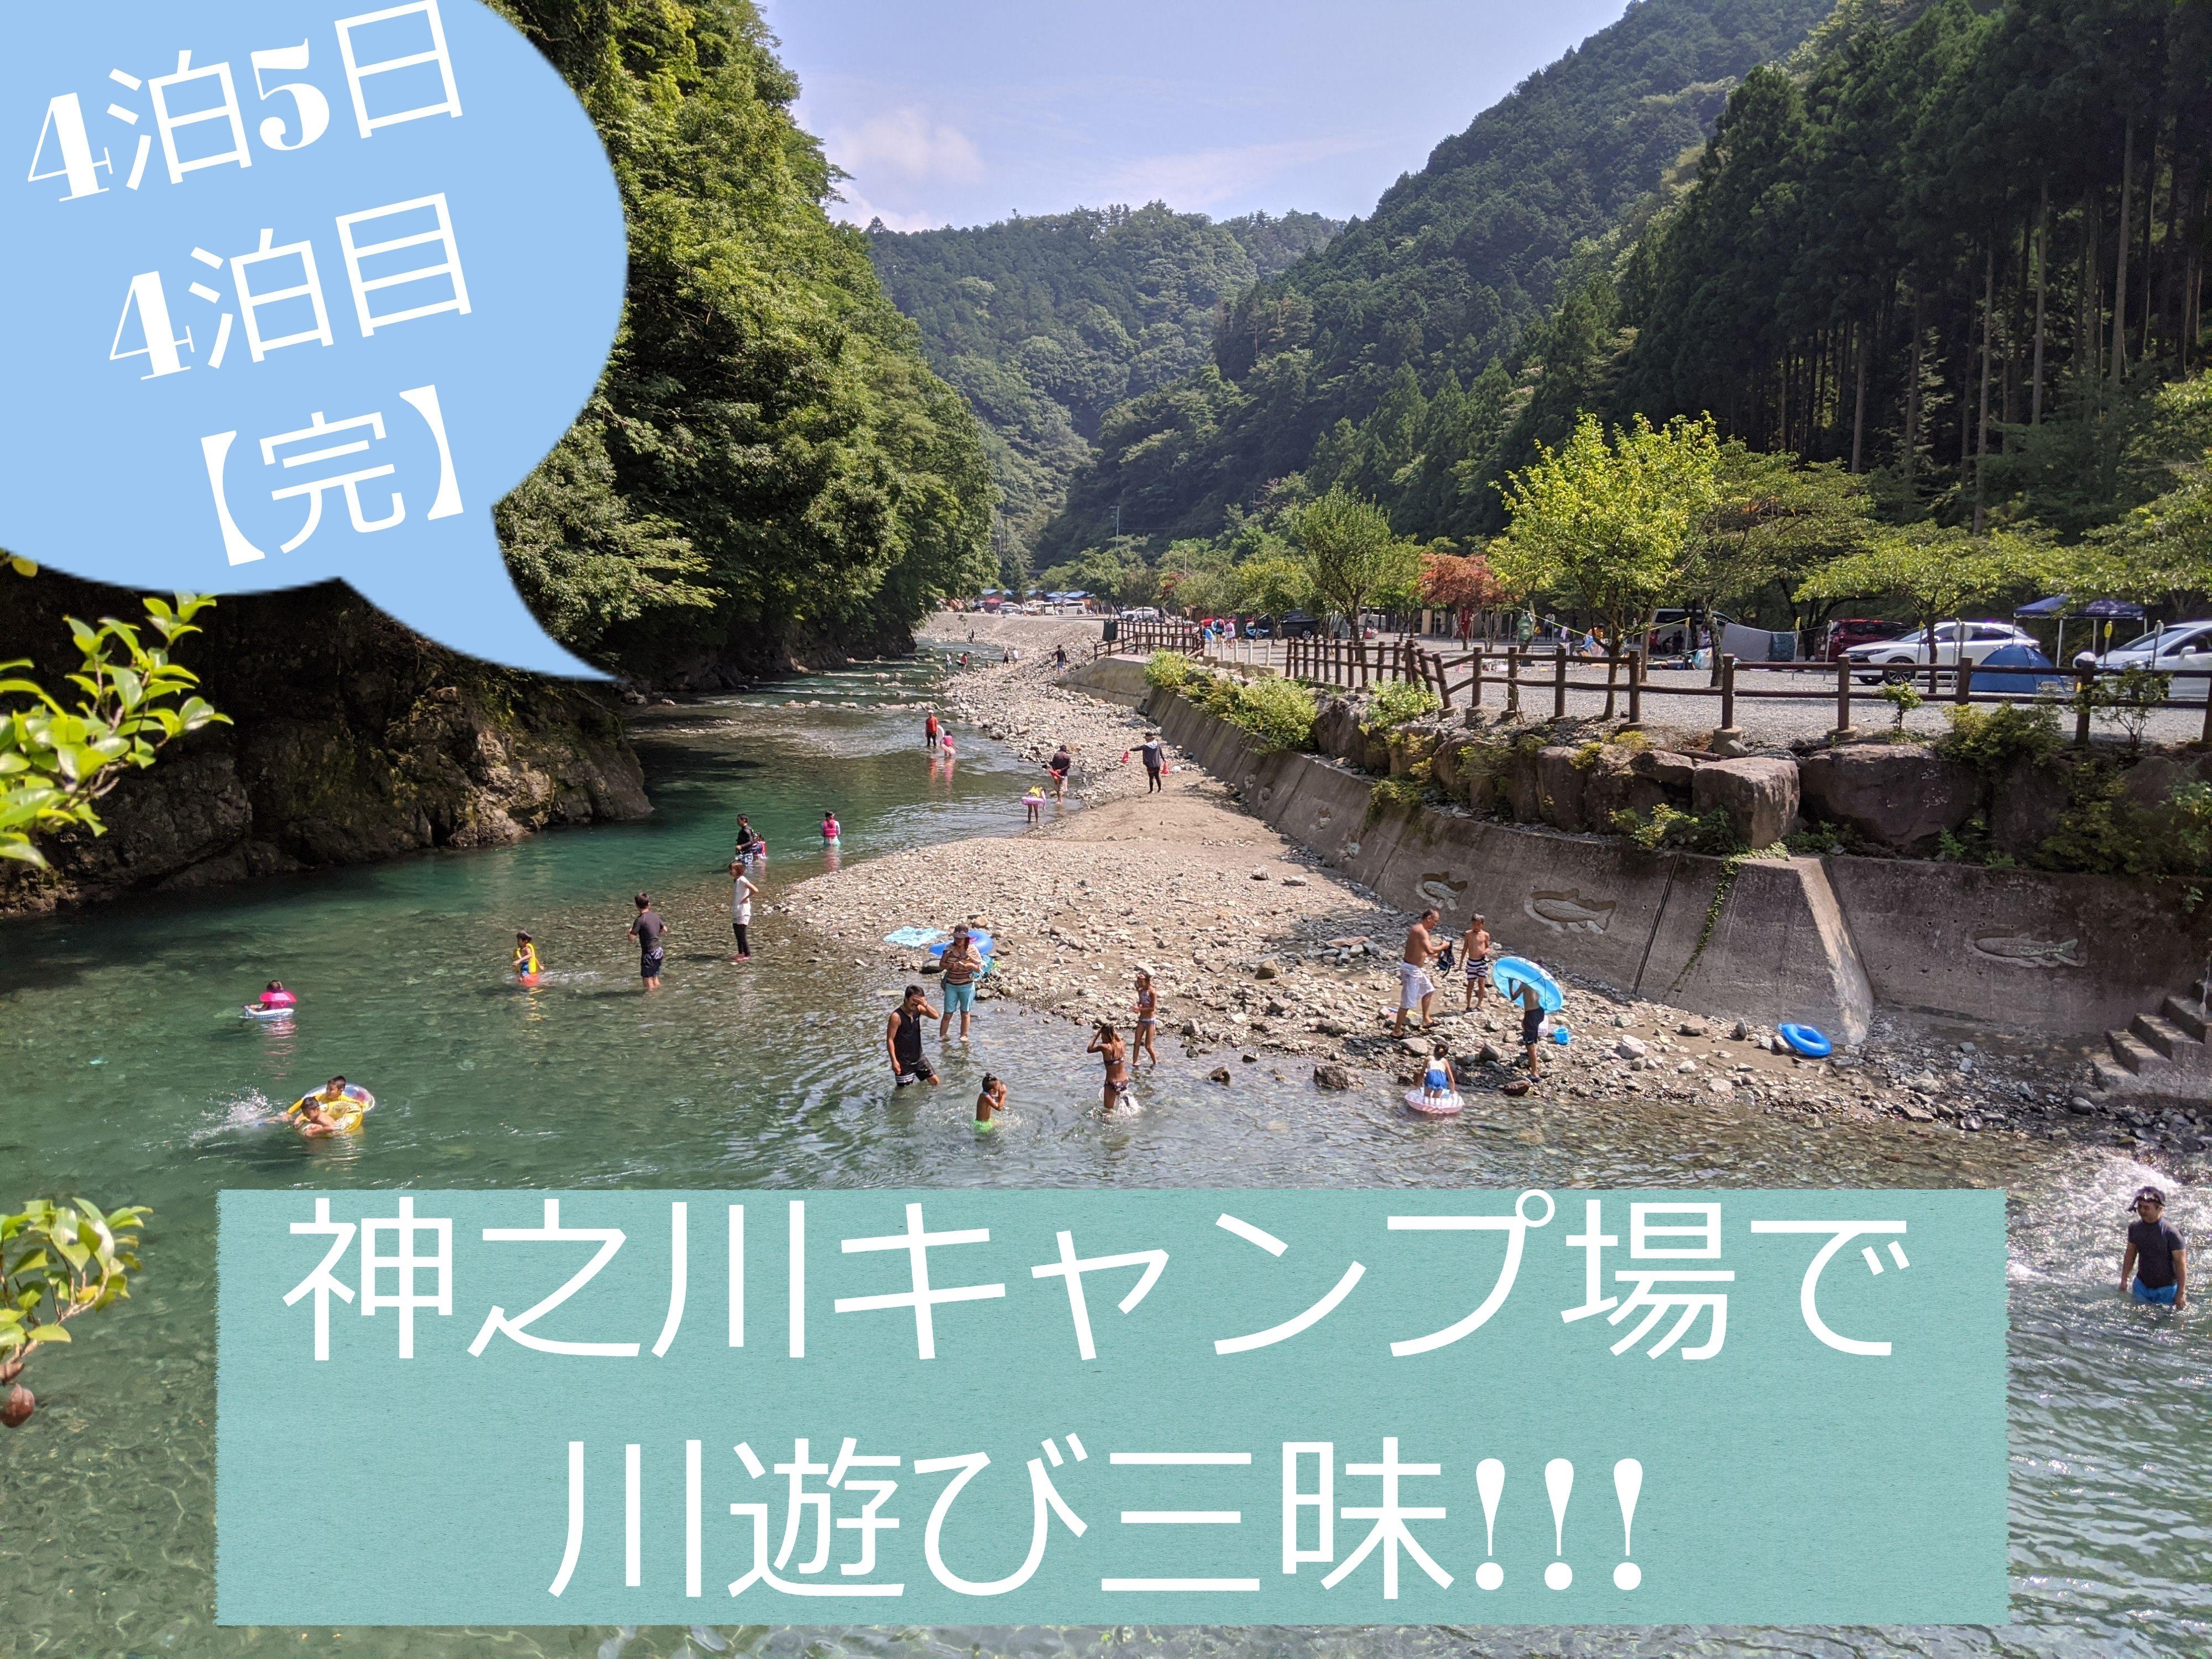 【総走行距離742キロ 移動ファミキャン 4泊目 神之川キャンプ場 川遊び